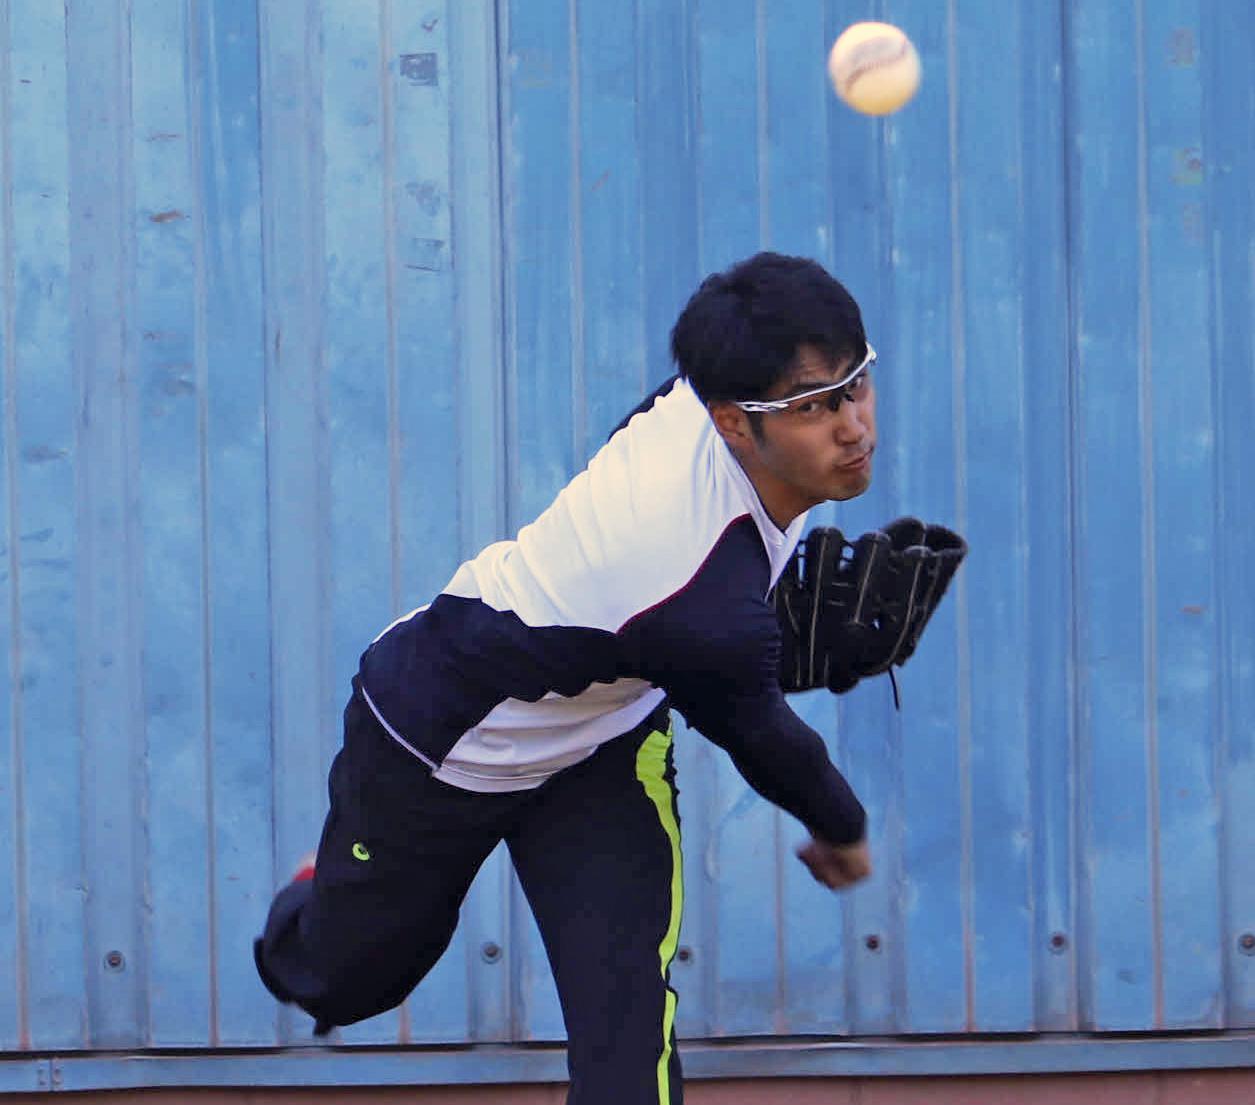 合同自主トレ初日に臨み、ブルペンで投球するBC神奈川・杉浦(撮影・湯本勝大)